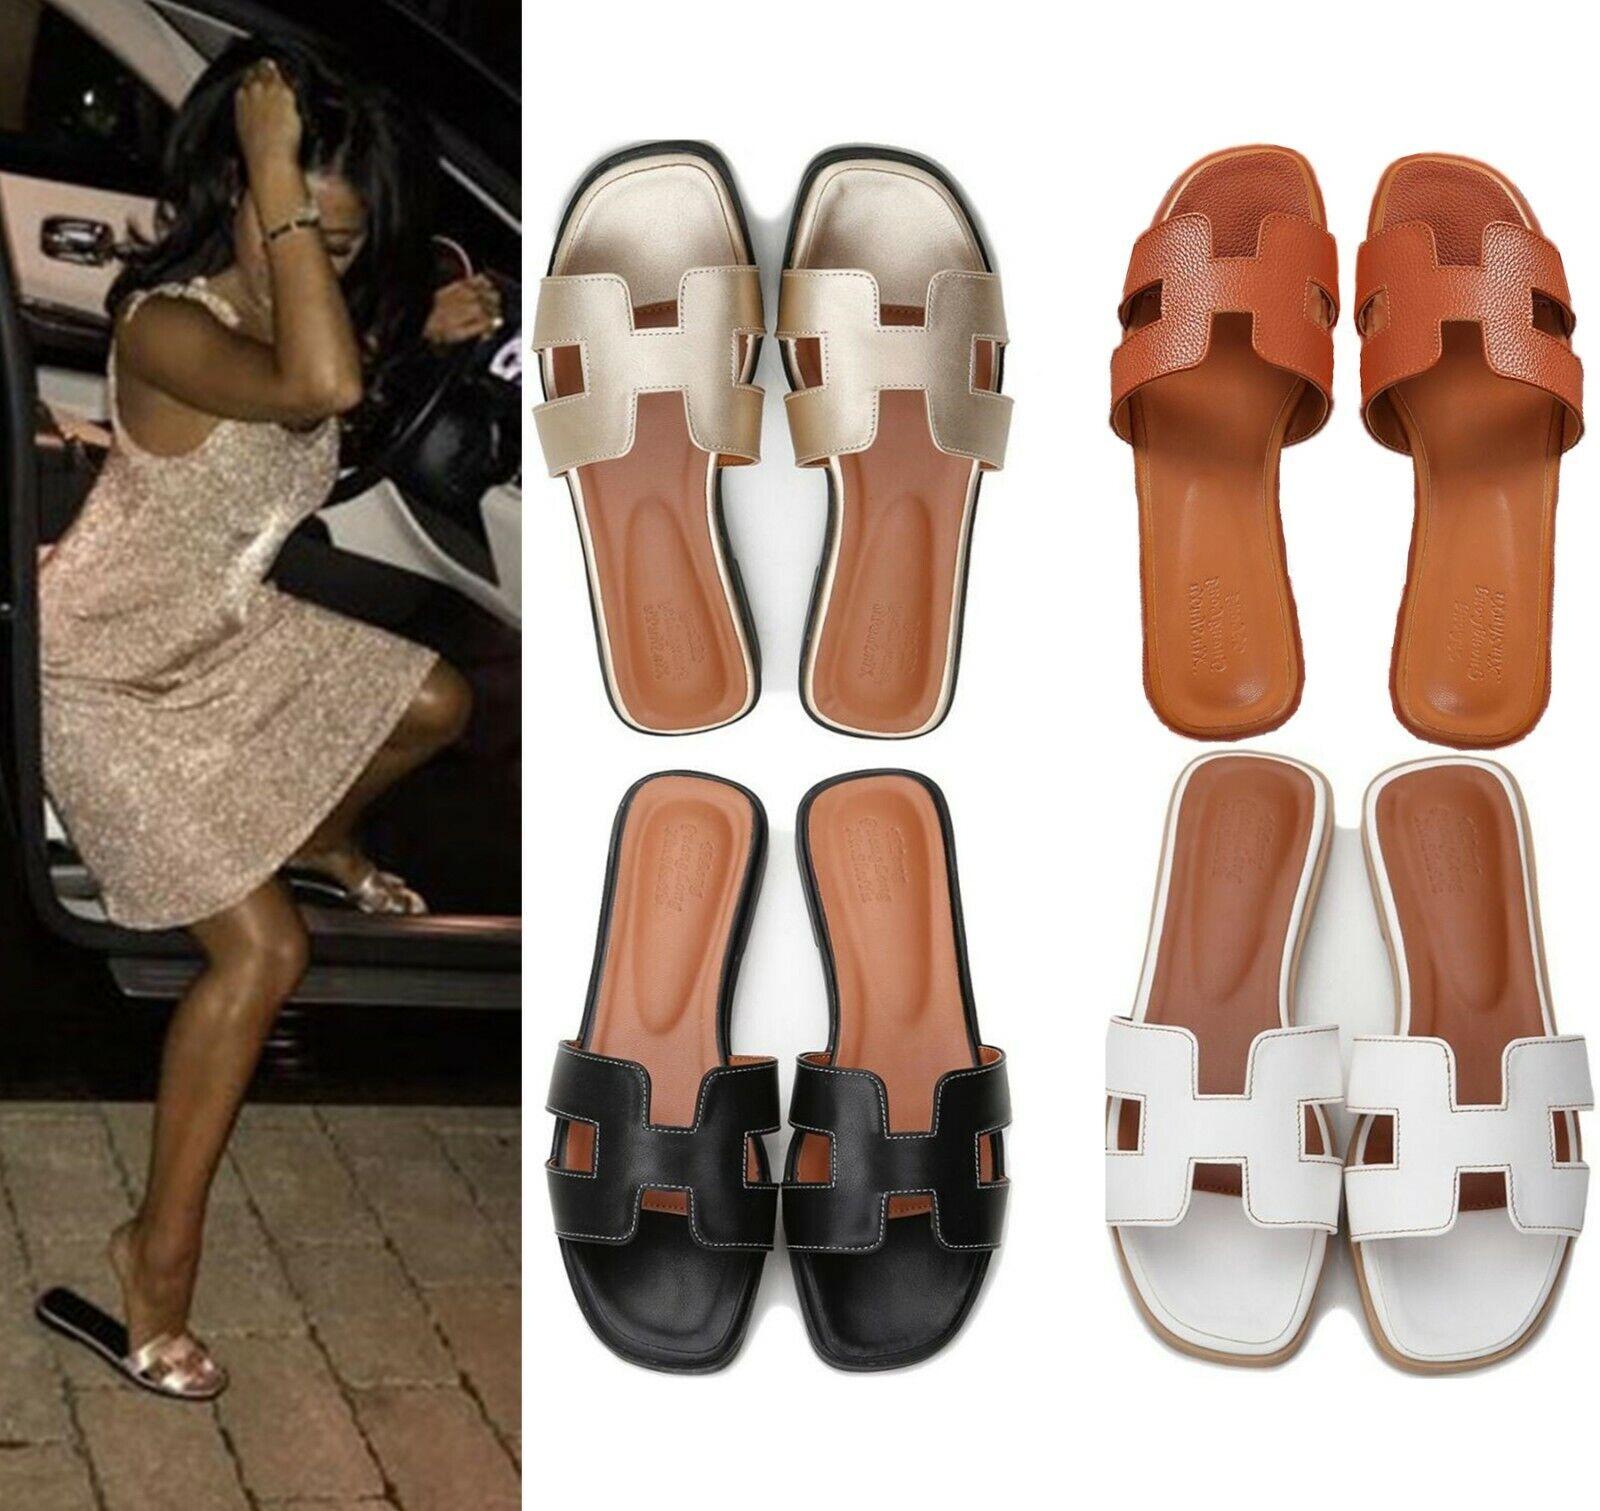 Nouveau Femmes Oran Sandales Plates Pantoufles Femmes Chaussures Sandales L9FR